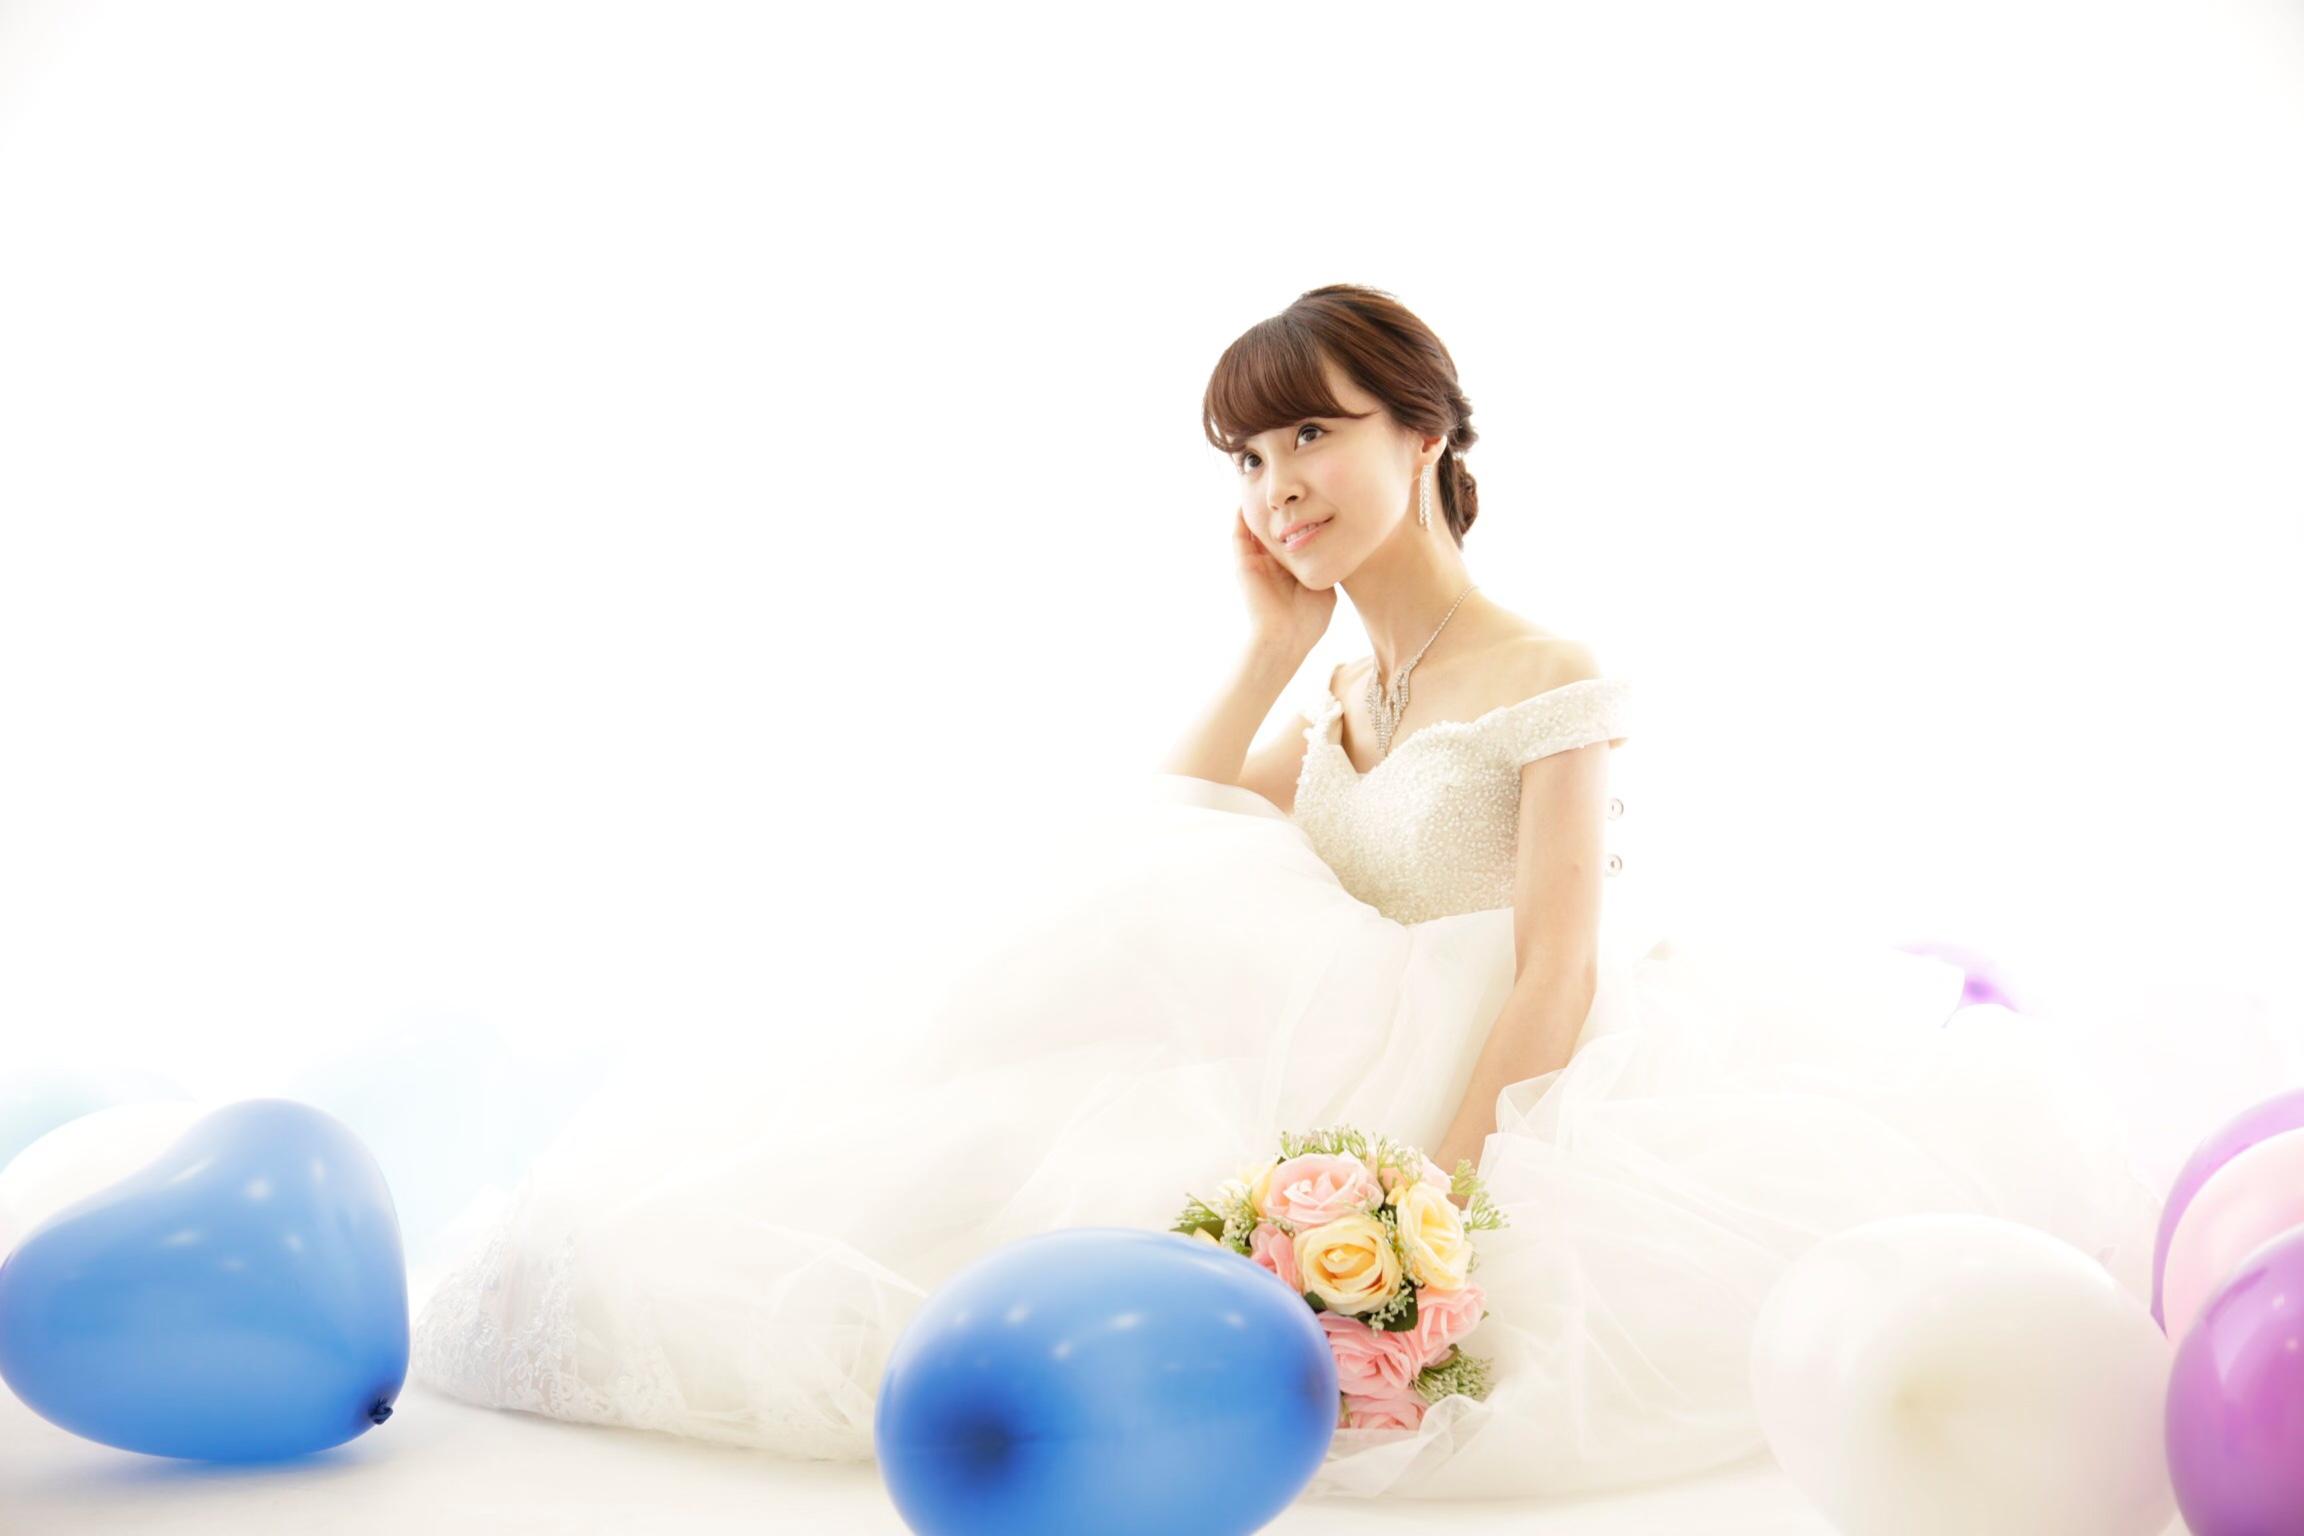 一生に一度のウェディングドレス♡前撮りや結婚式をされる方にオススメのドレス♡_1